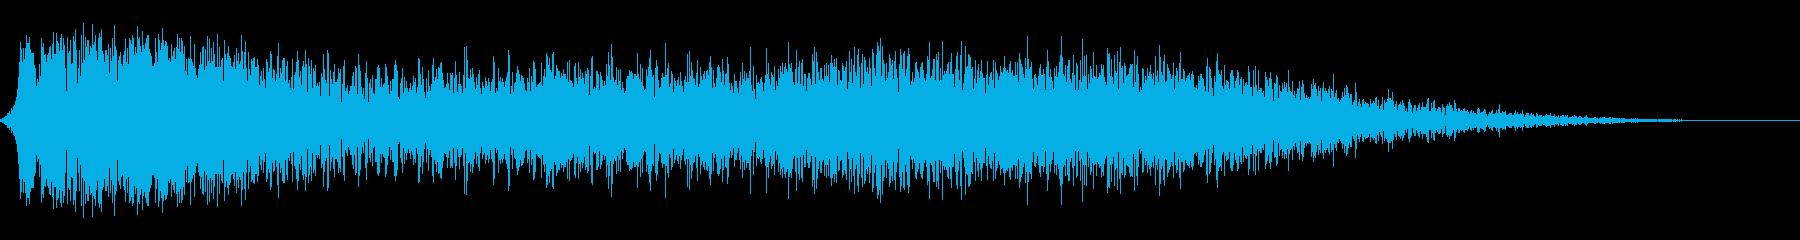 エコーテール付きパワーフーザップの再生済みの波形